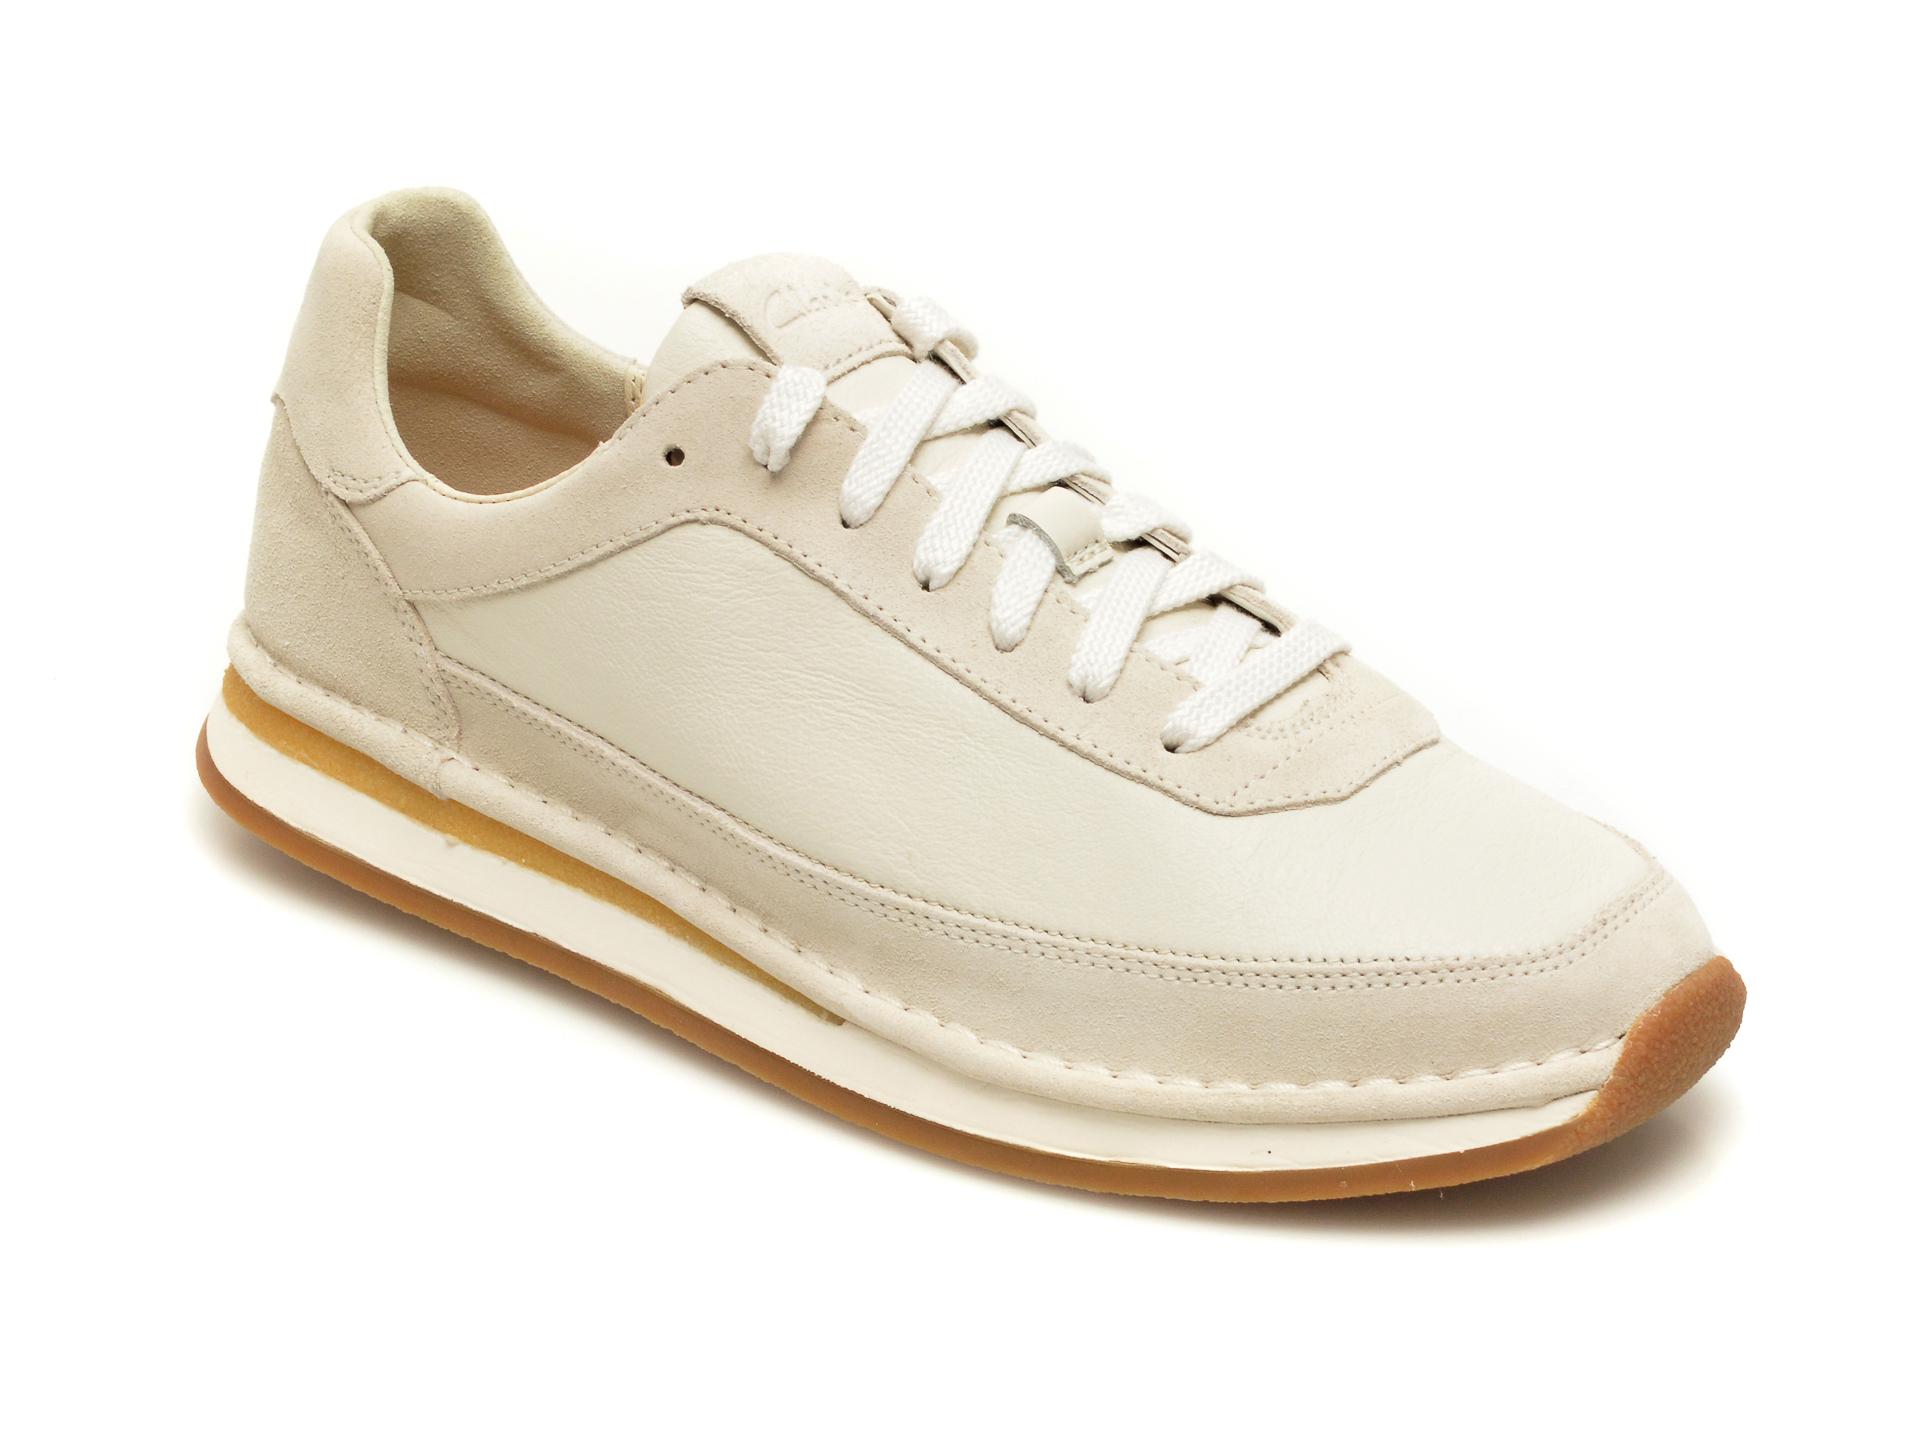 Pantofi sport CLARKS albi, Craftrun Lace, din piele intoarsa imagine